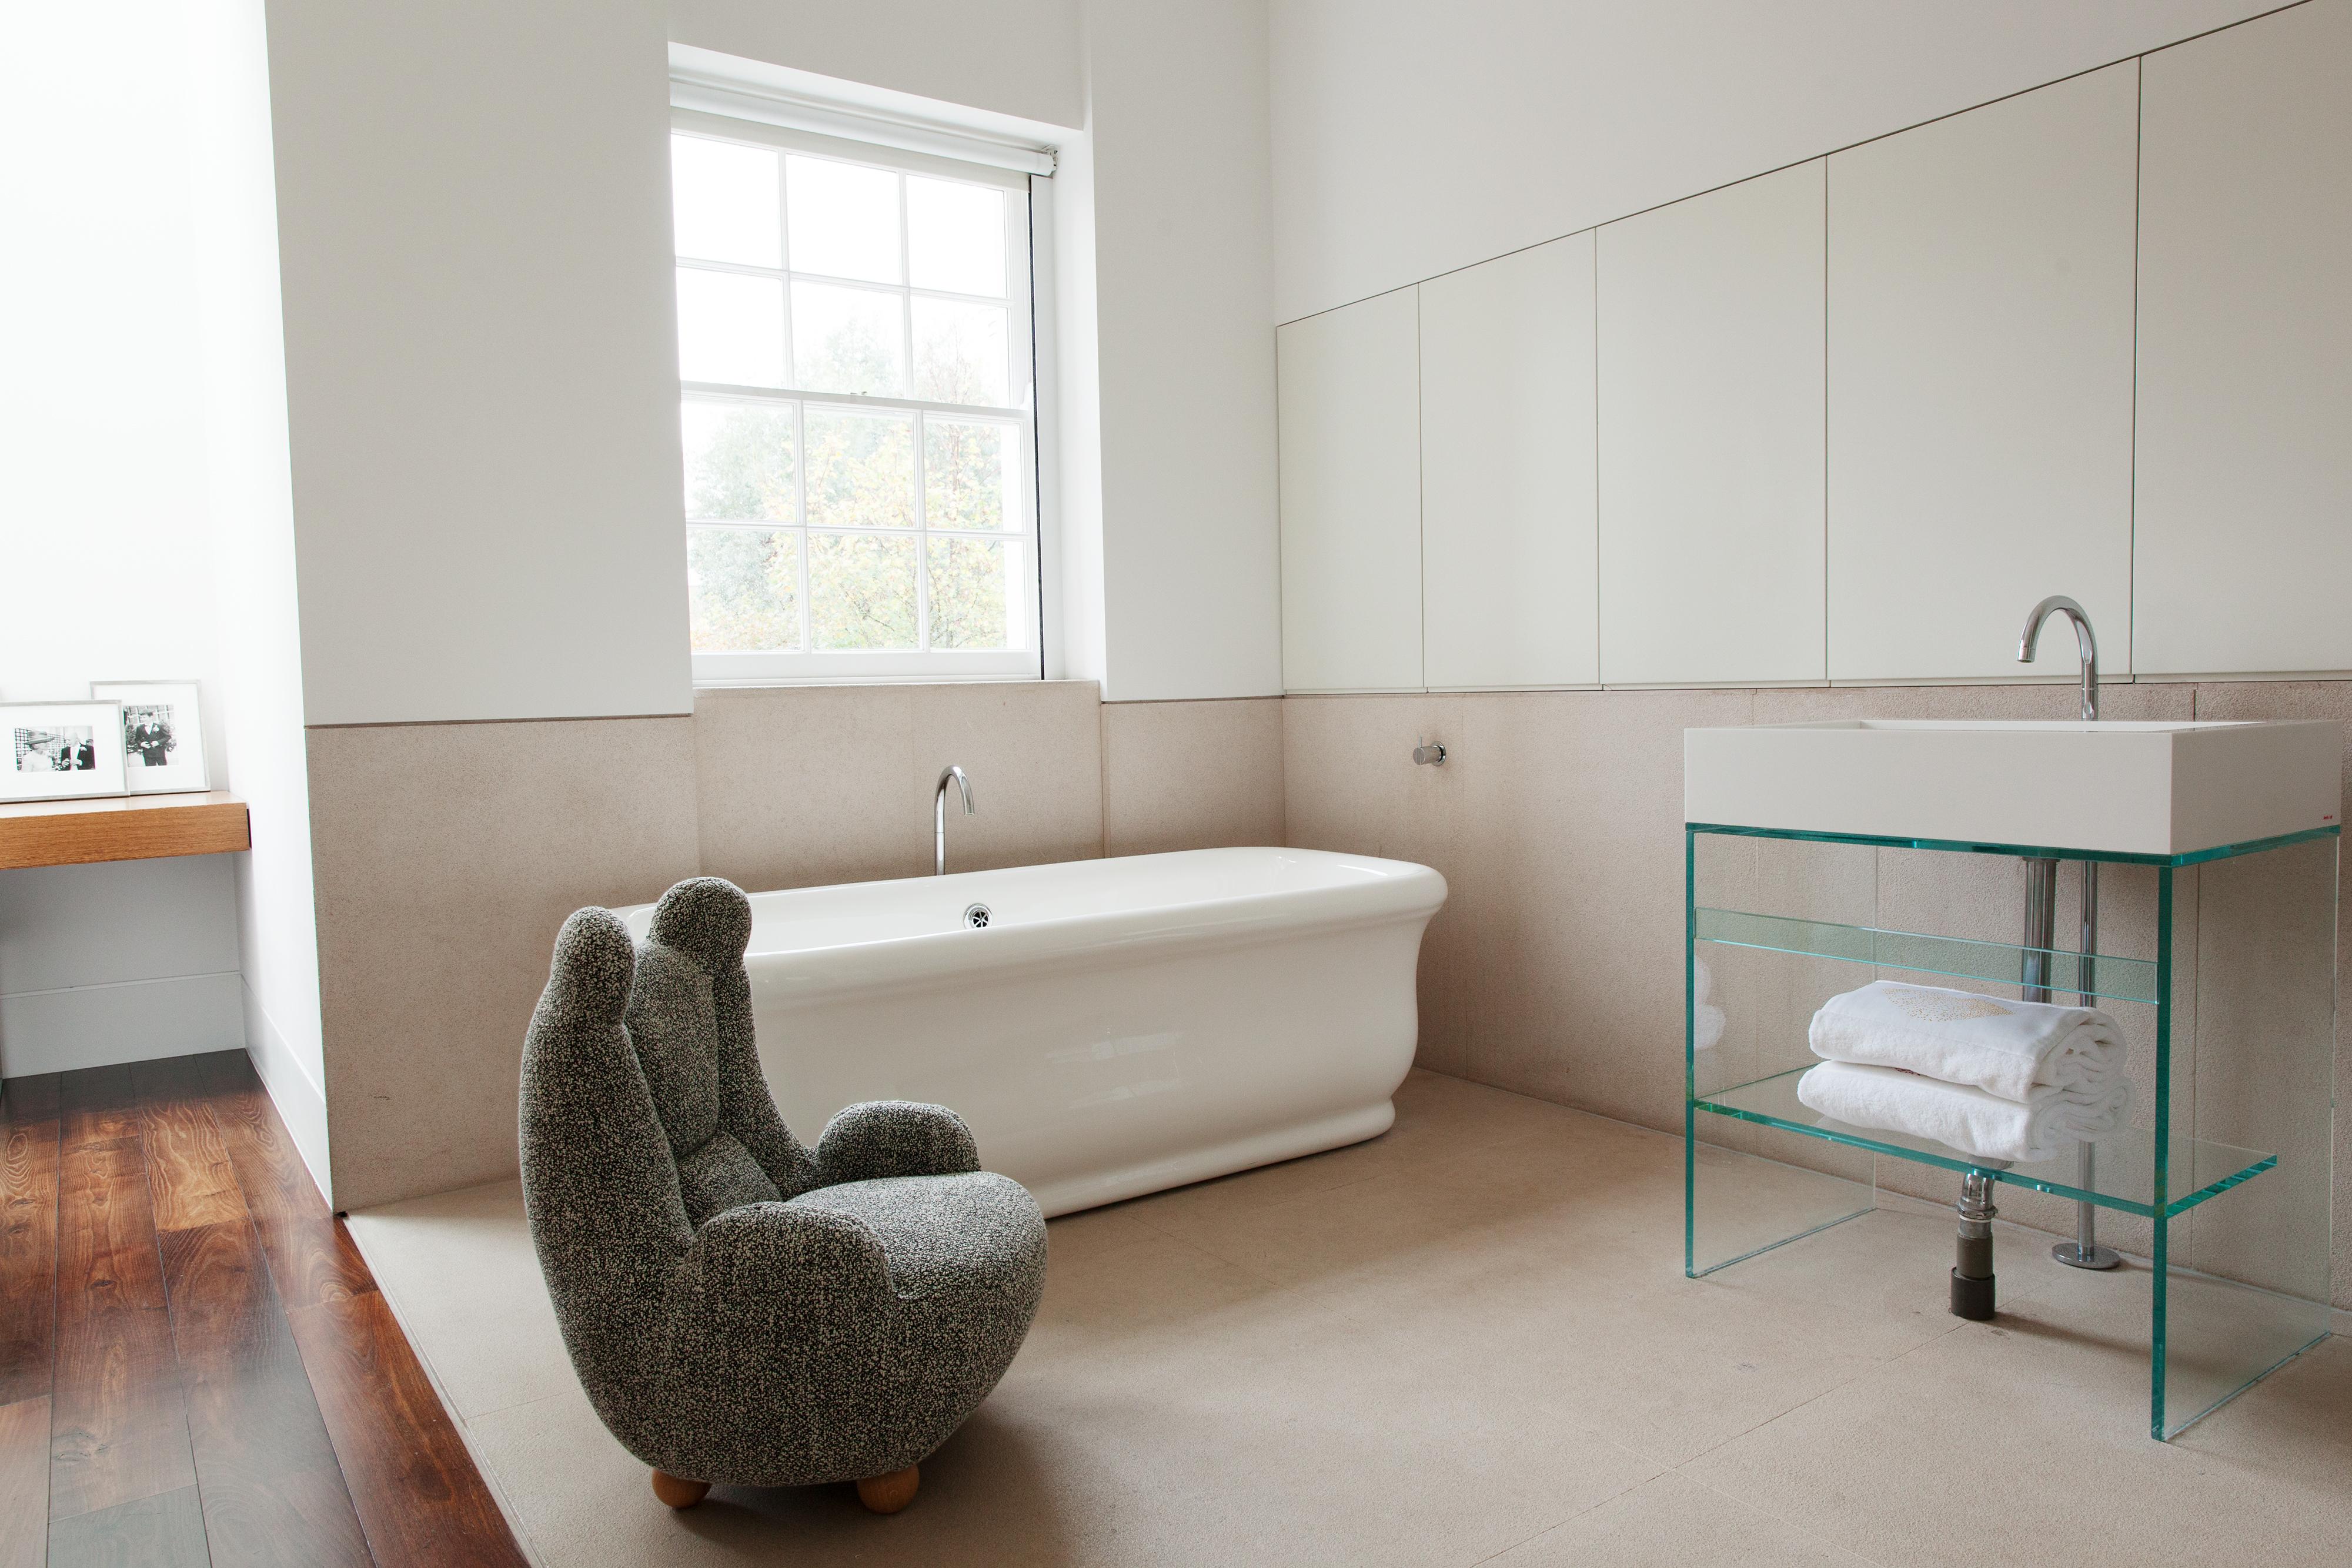 Salle de bain – The Invisible Collection